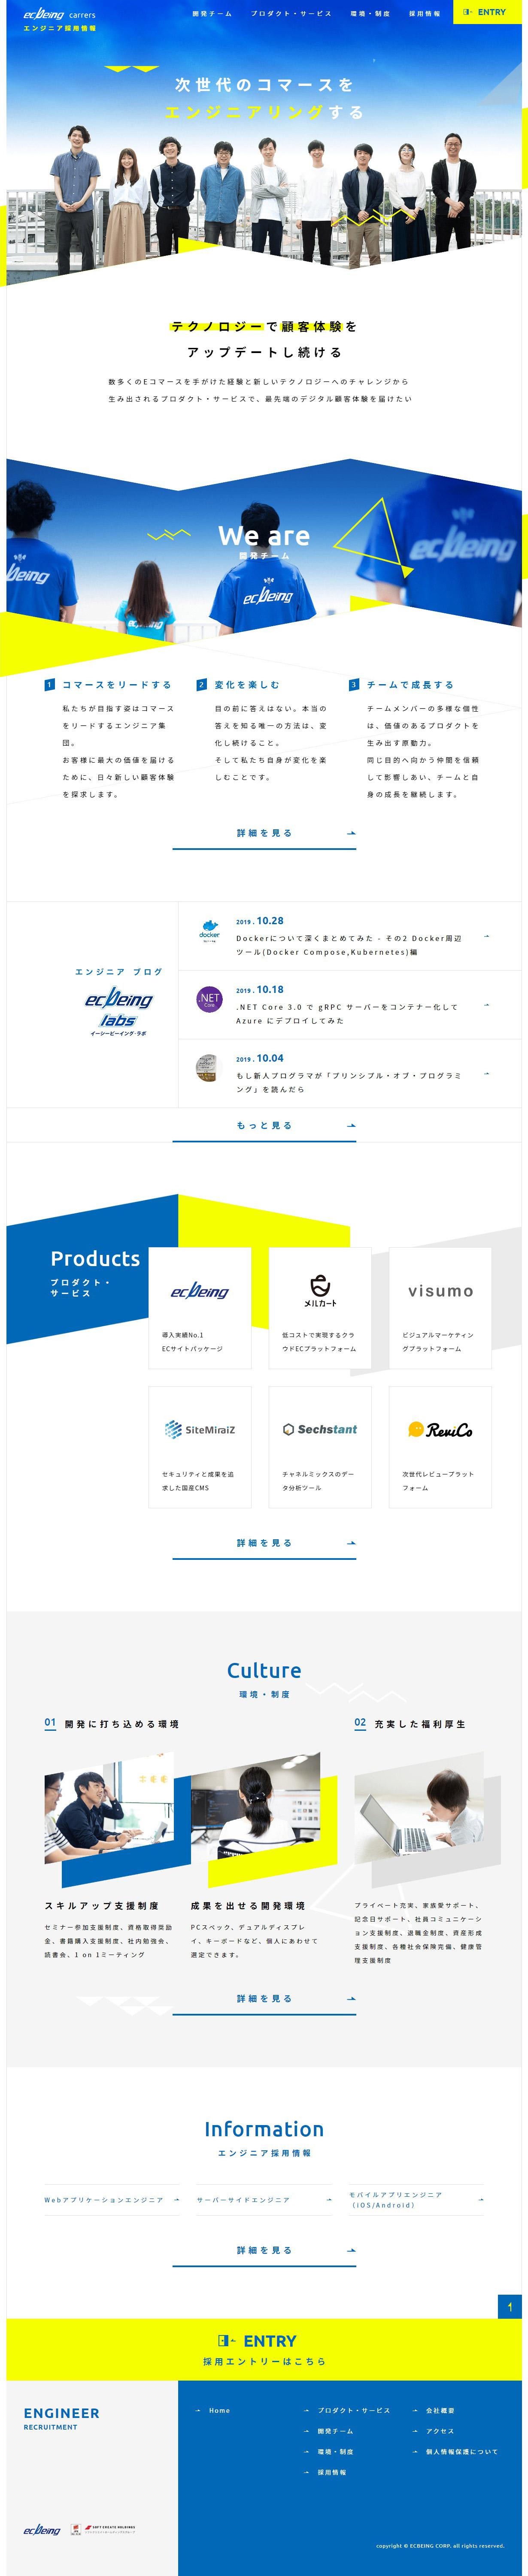 エンジニア採用(キャリア)サイト - 株式会社ecbeing